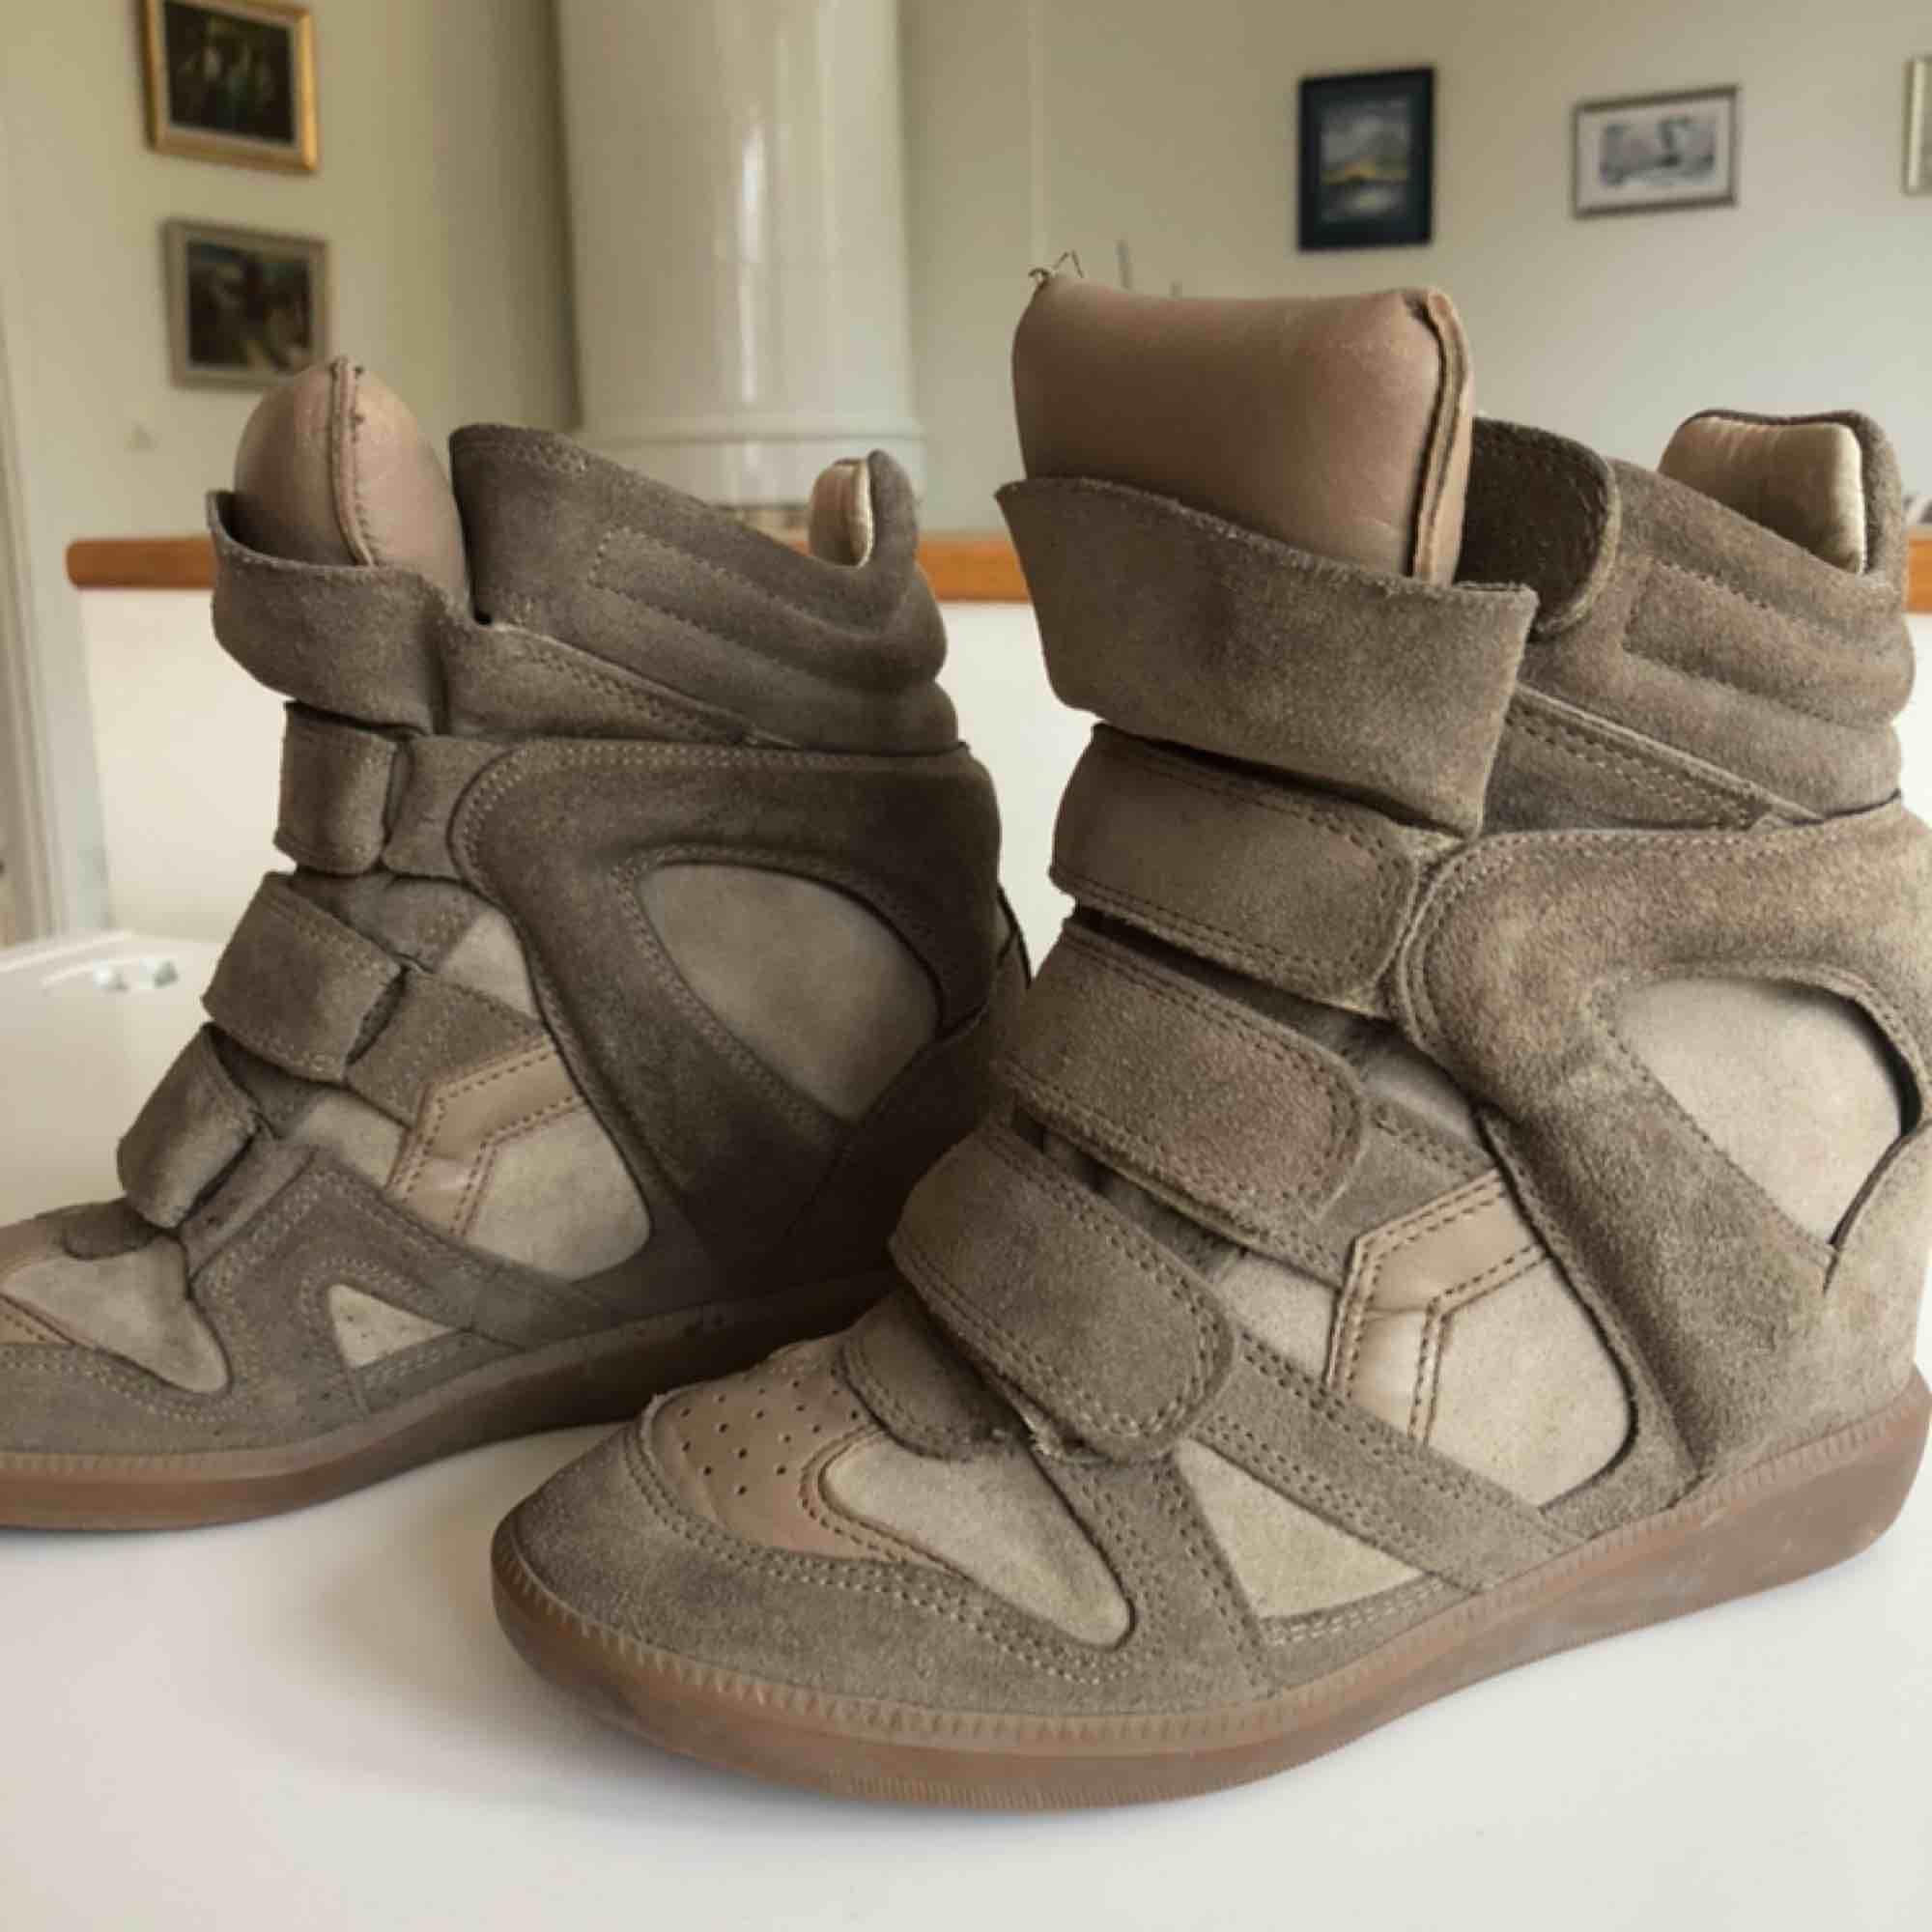 Isabel Marant Bakett Sneakers i grön/beige färg. Använda men inte slitna. Storlek 35. Skor.